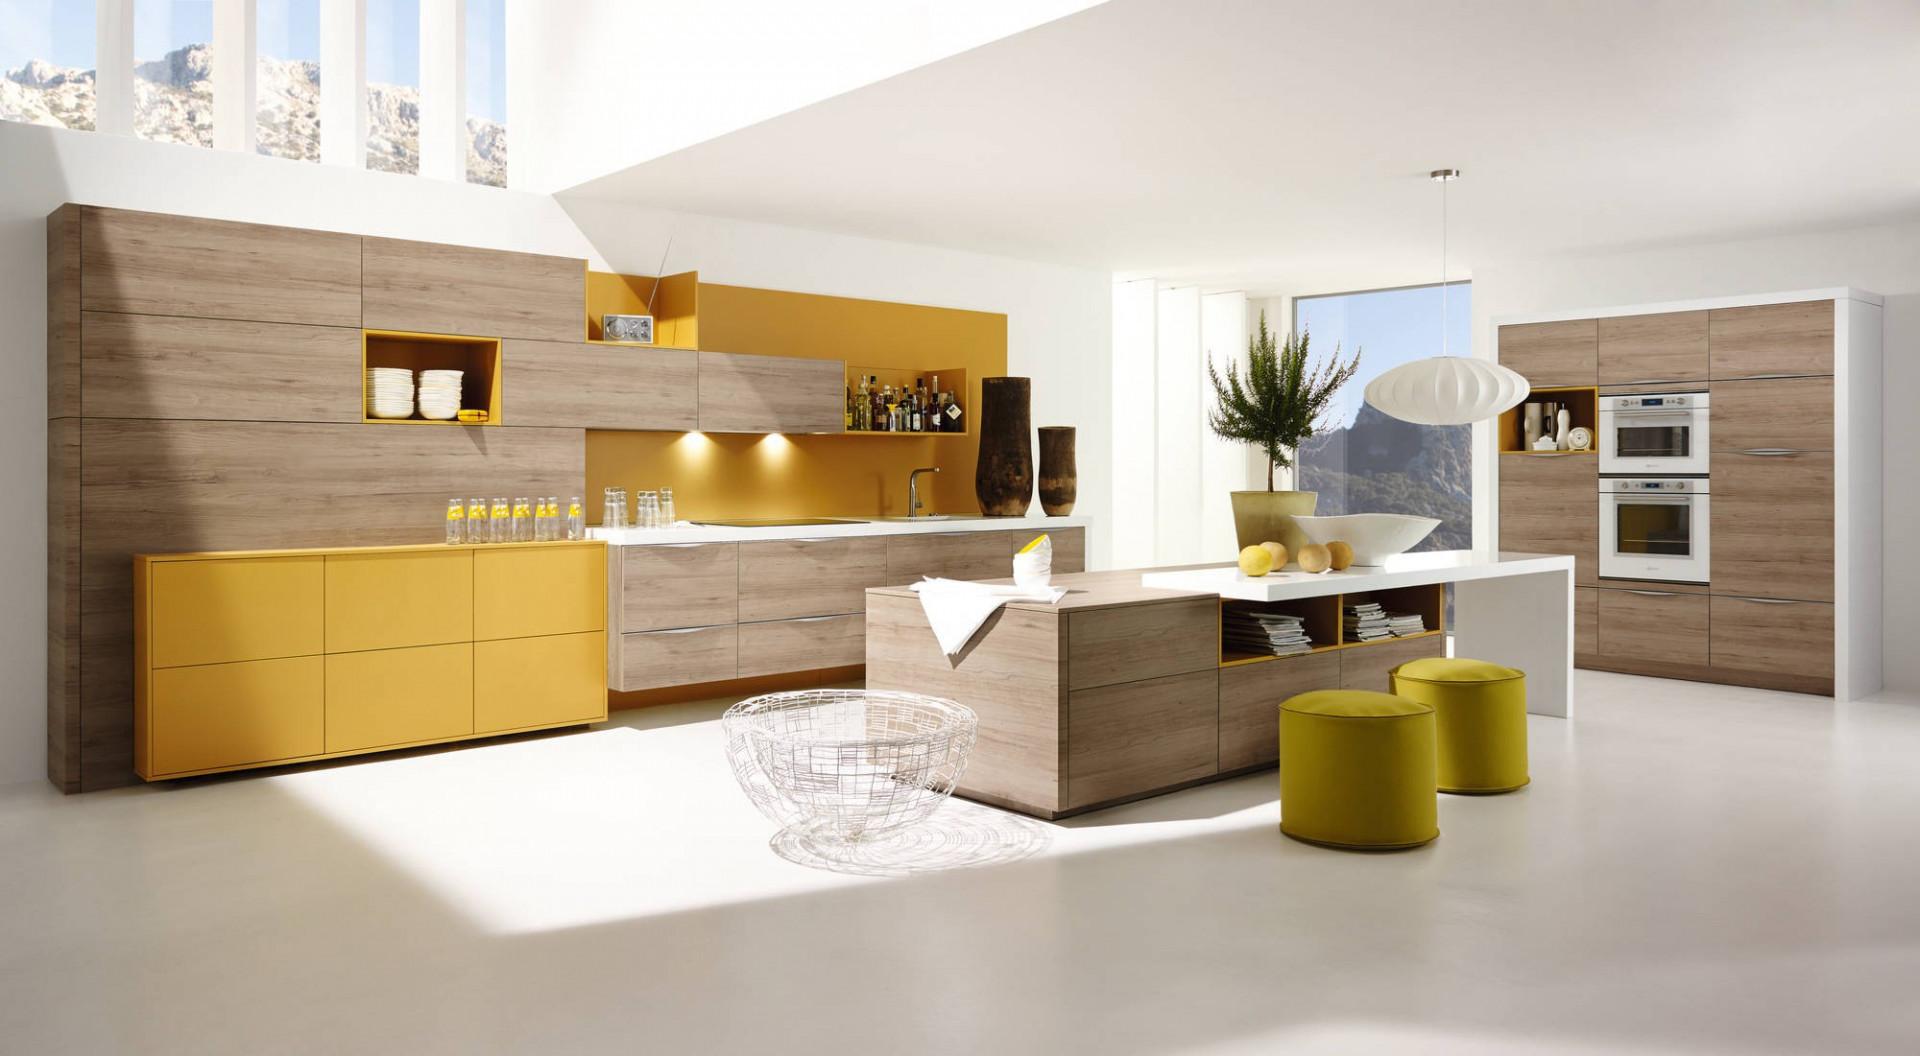 Połączenie odcieni naturalnego drewna z soczystym żółtym kolorem doskonale poprawia nastrój. Fot. Alno